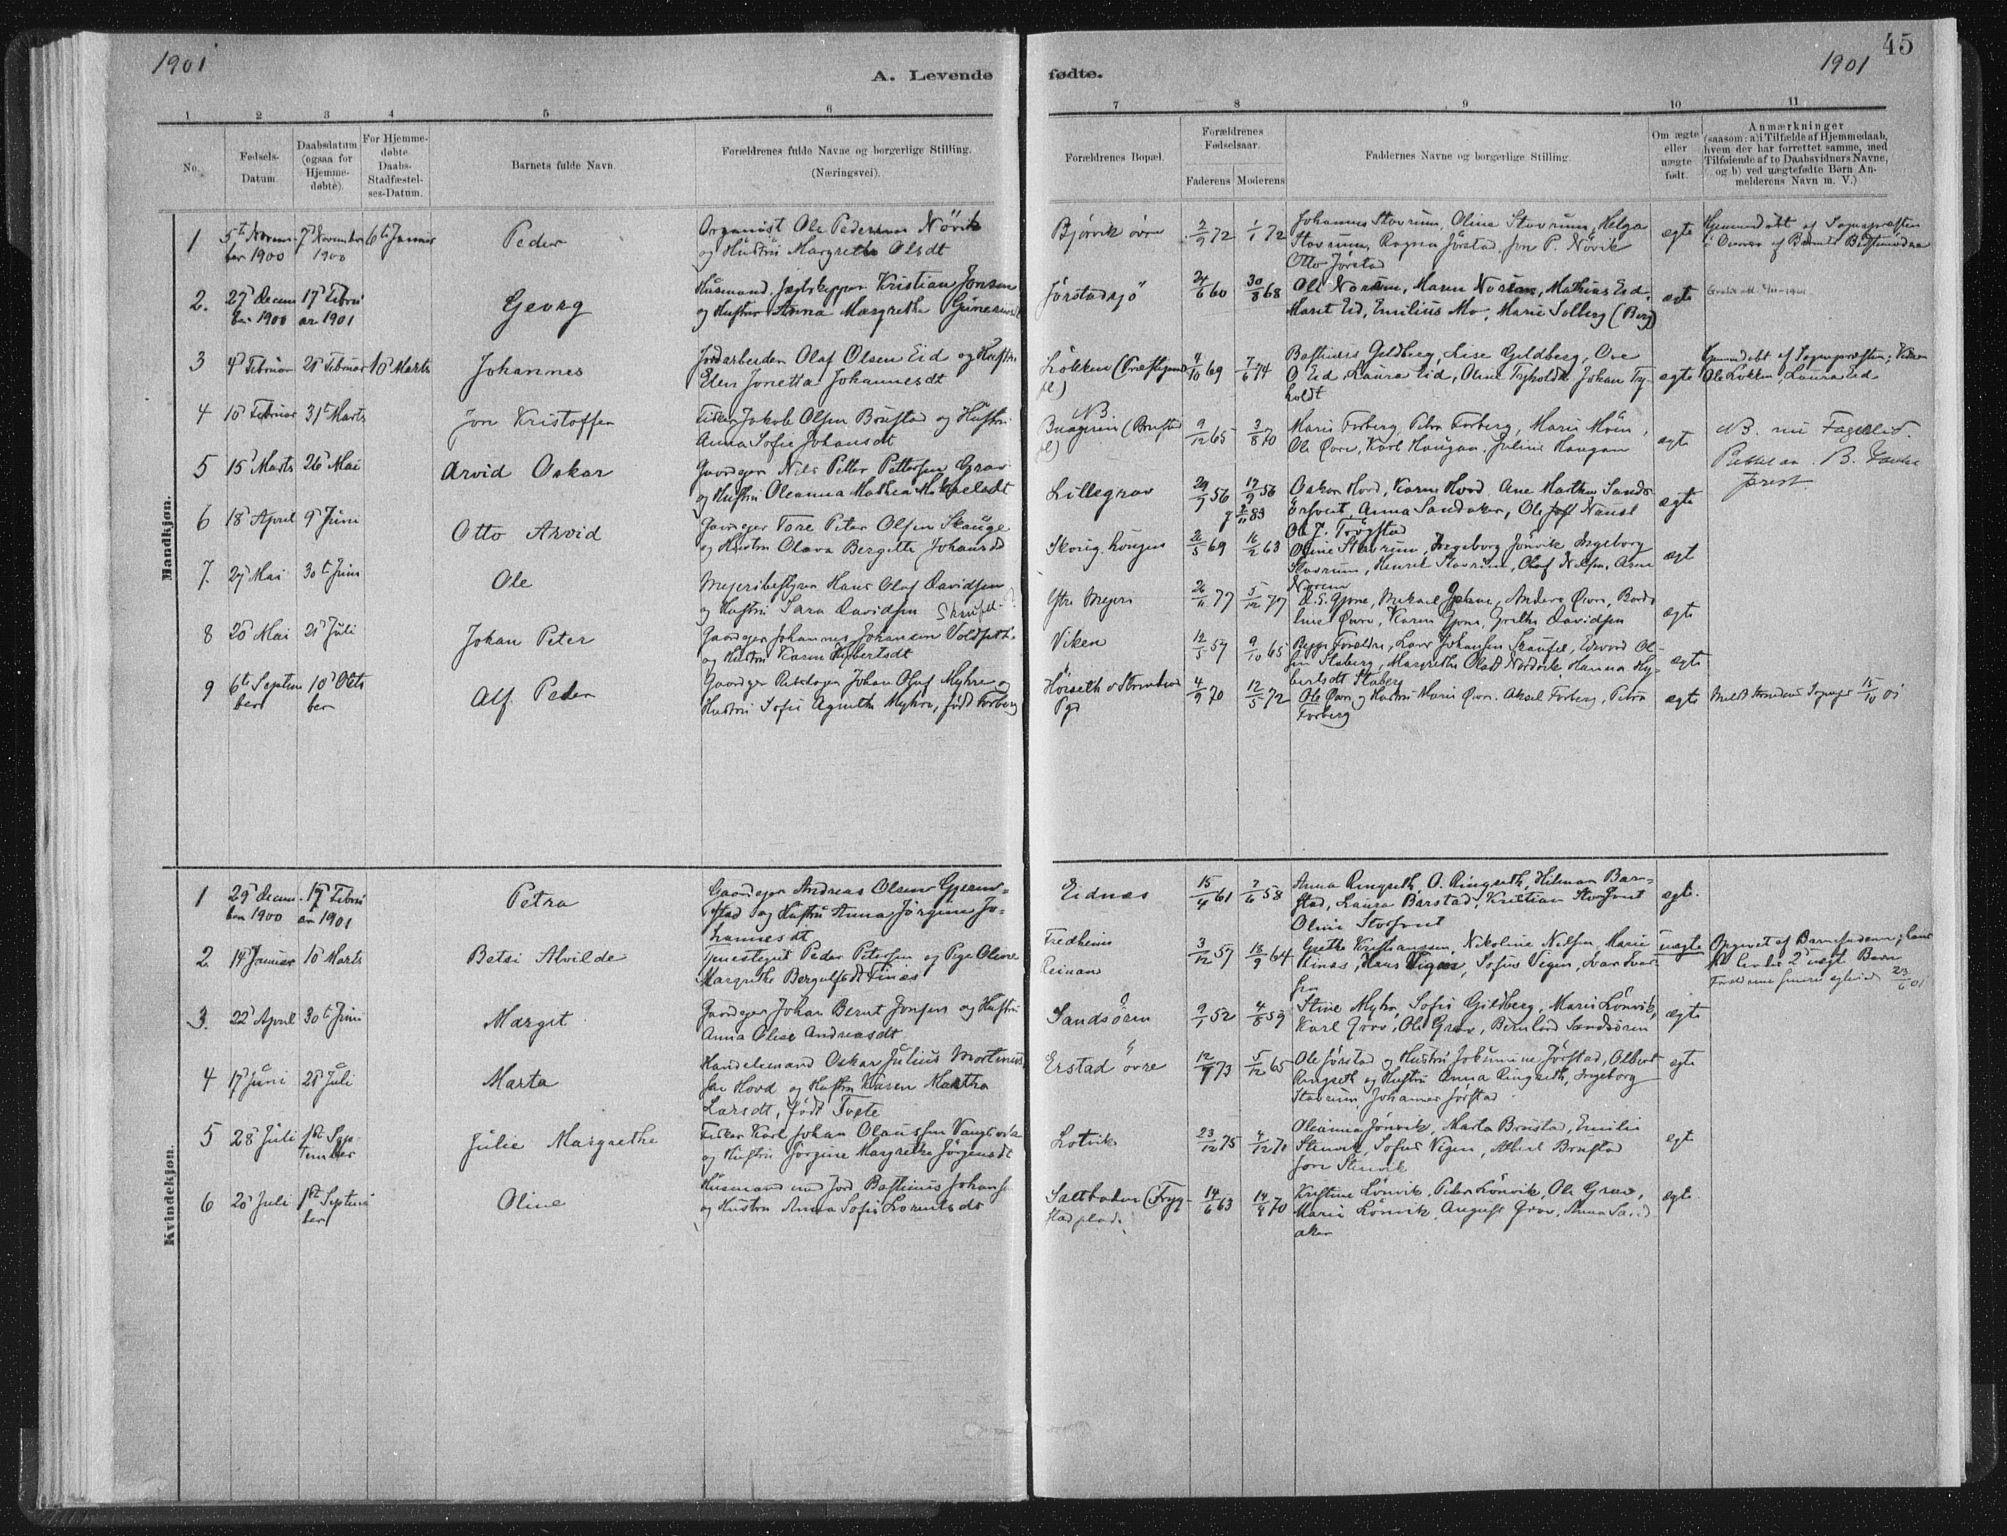 SAT, Ministerialprotokoller, klokkerbøker og fødselsregistre - Nord-Trøndelag, 722/L0220: Ministerialbok nr. 722A07, 1881-1908, s. 45